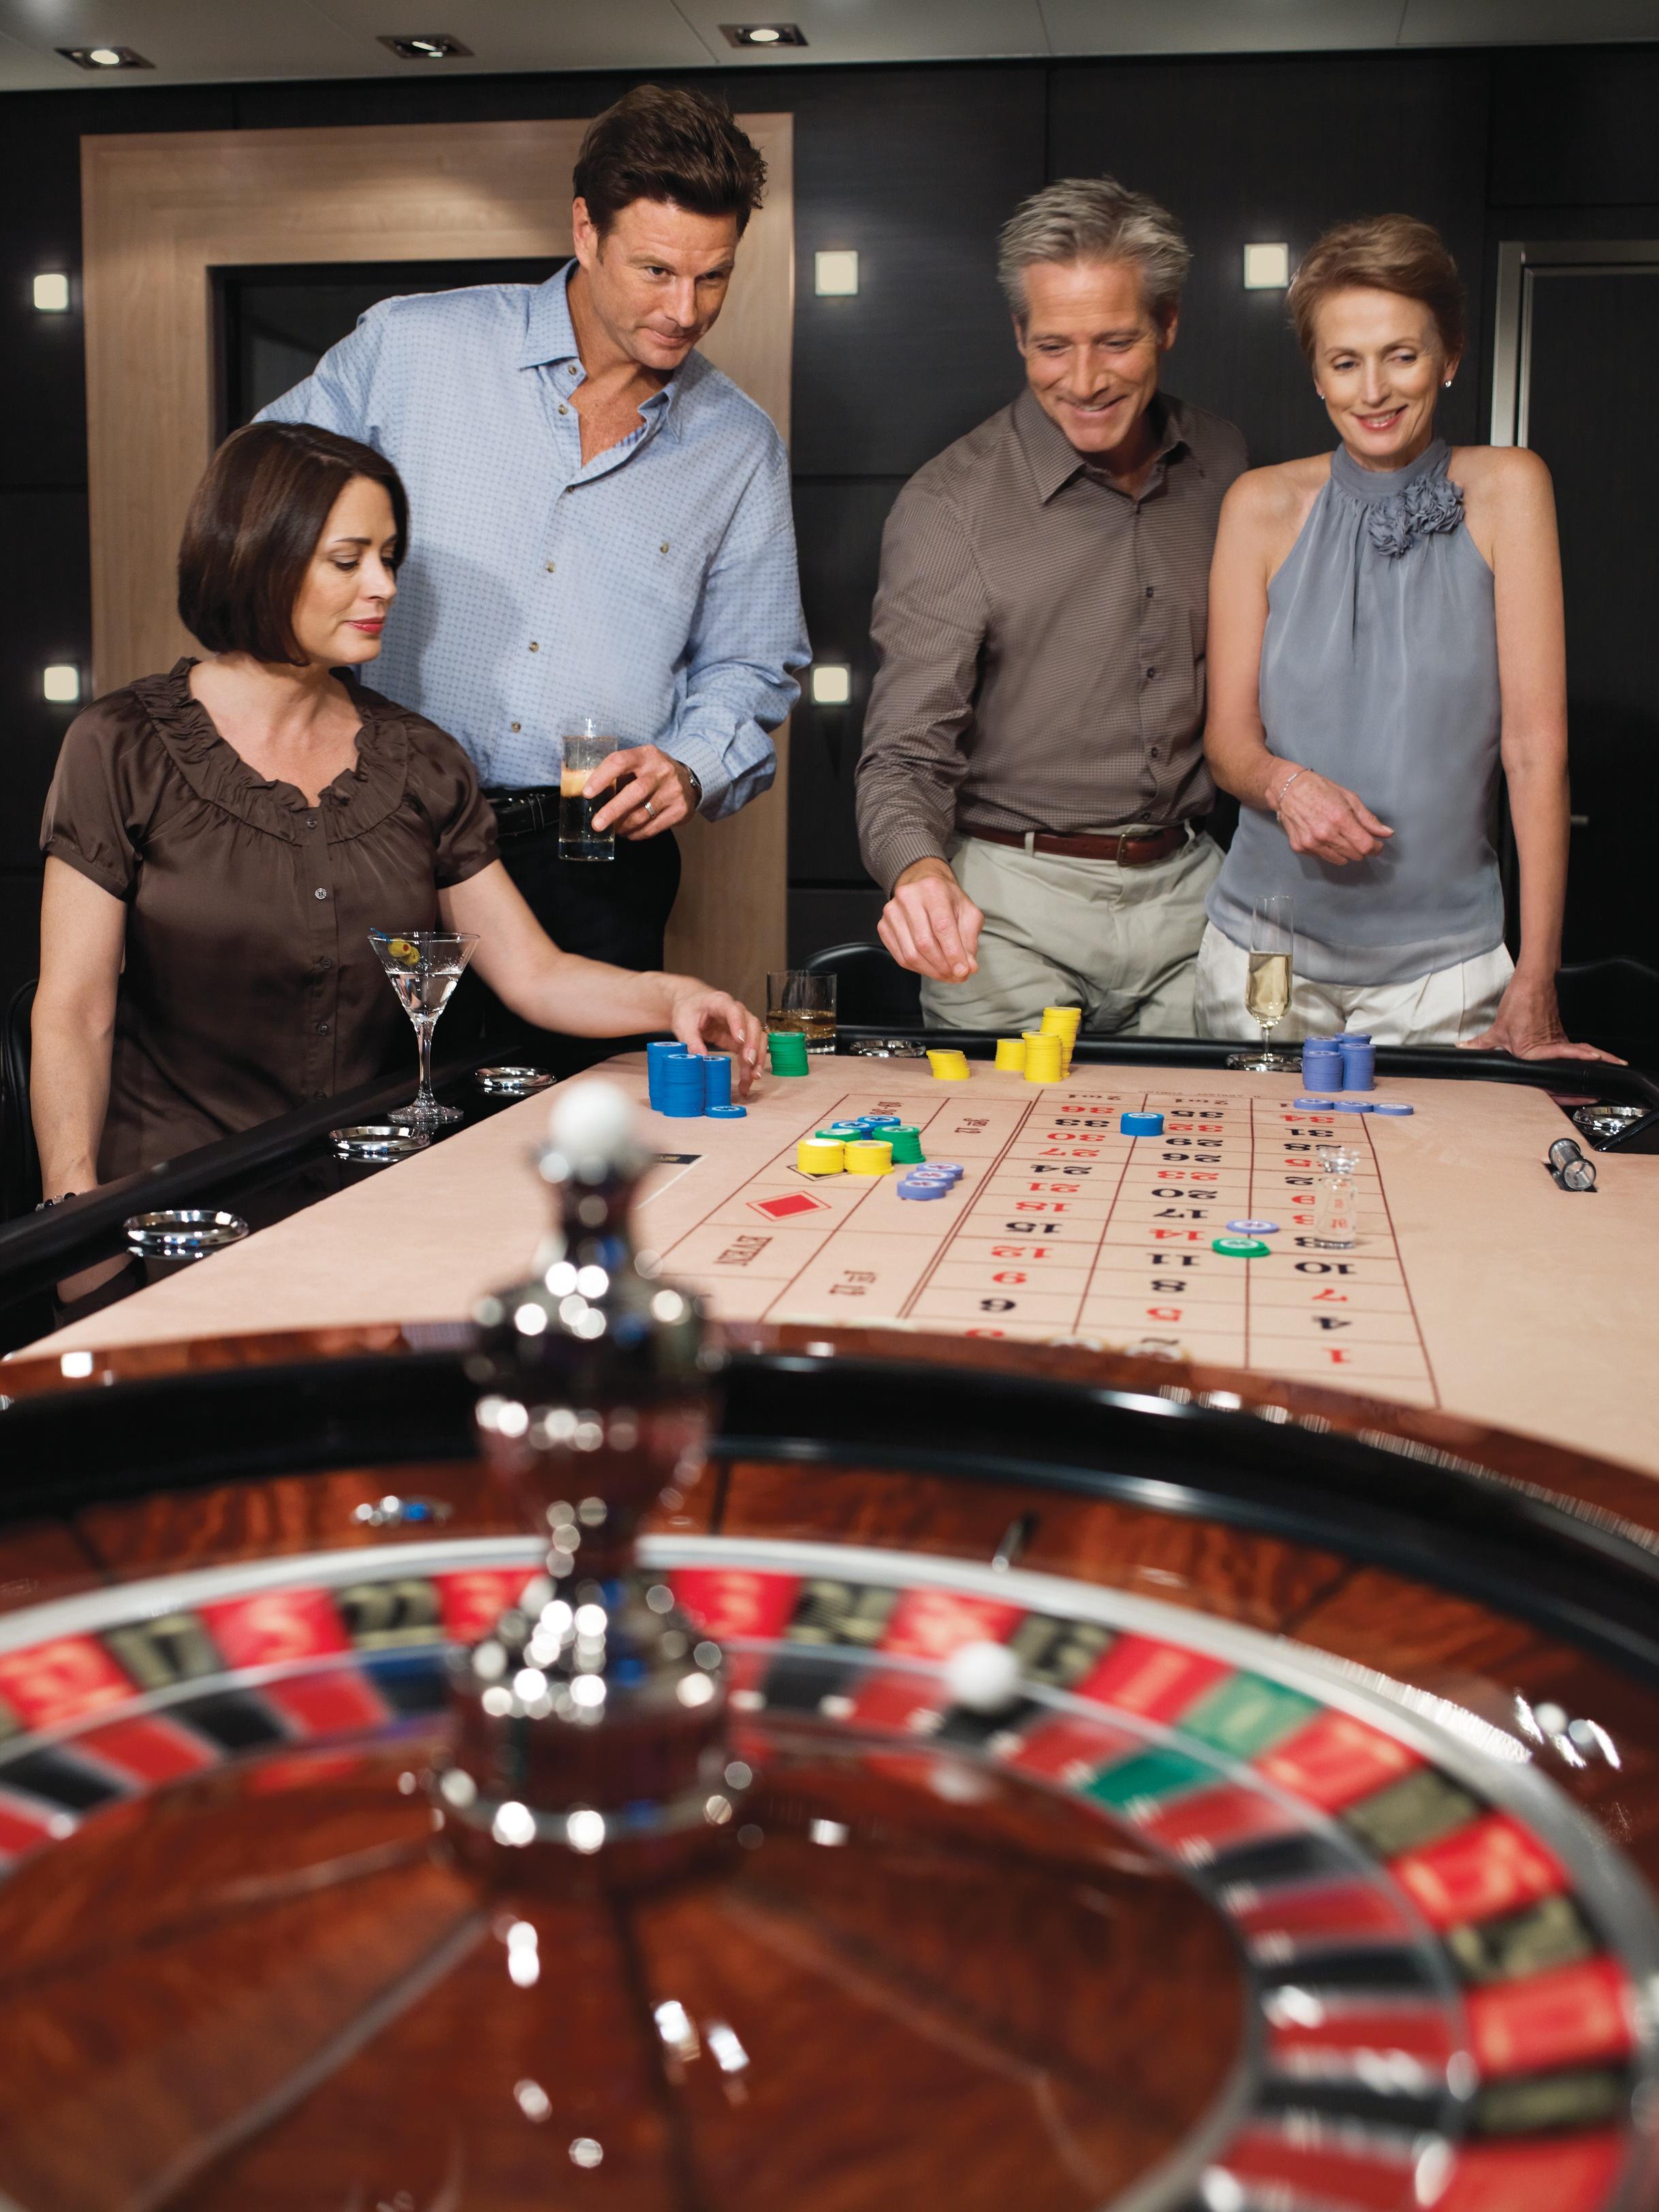 Seabourn Casino.jpg